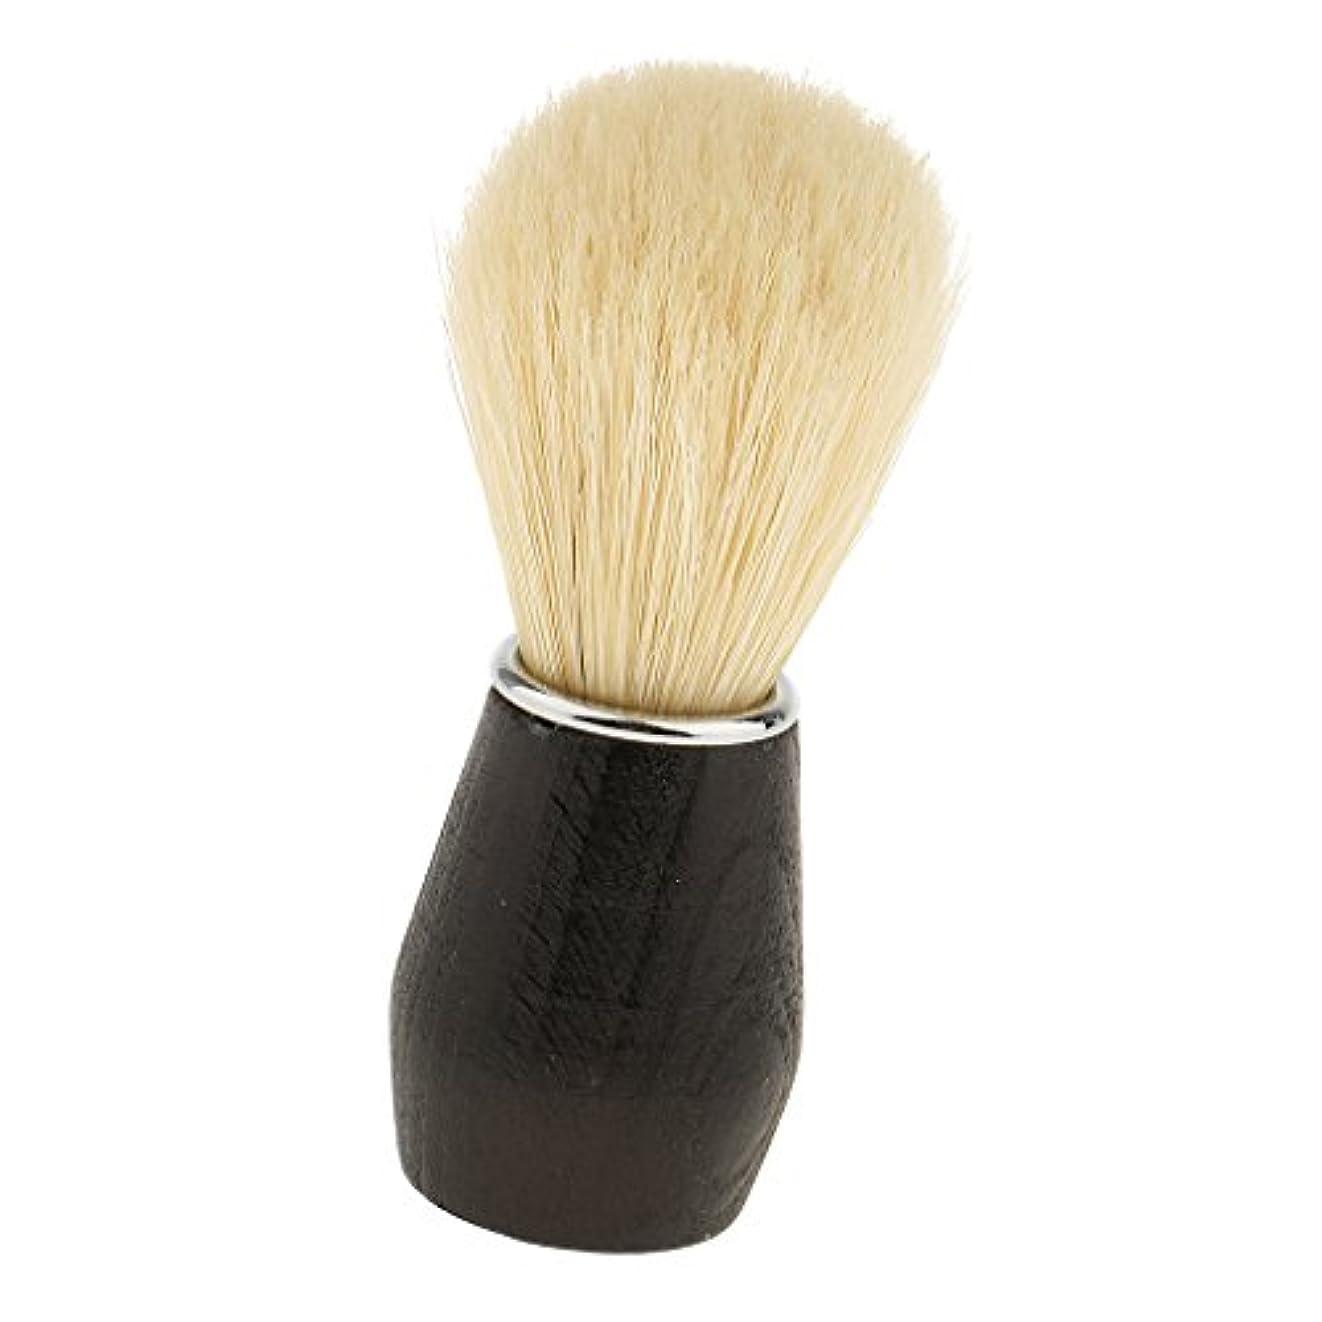 雨ライナー番号dailymall ひげ剃りブラシ シェービングブラシ メンズ 髭剃り プロフェッショナル ひげ剃り 美容ツール